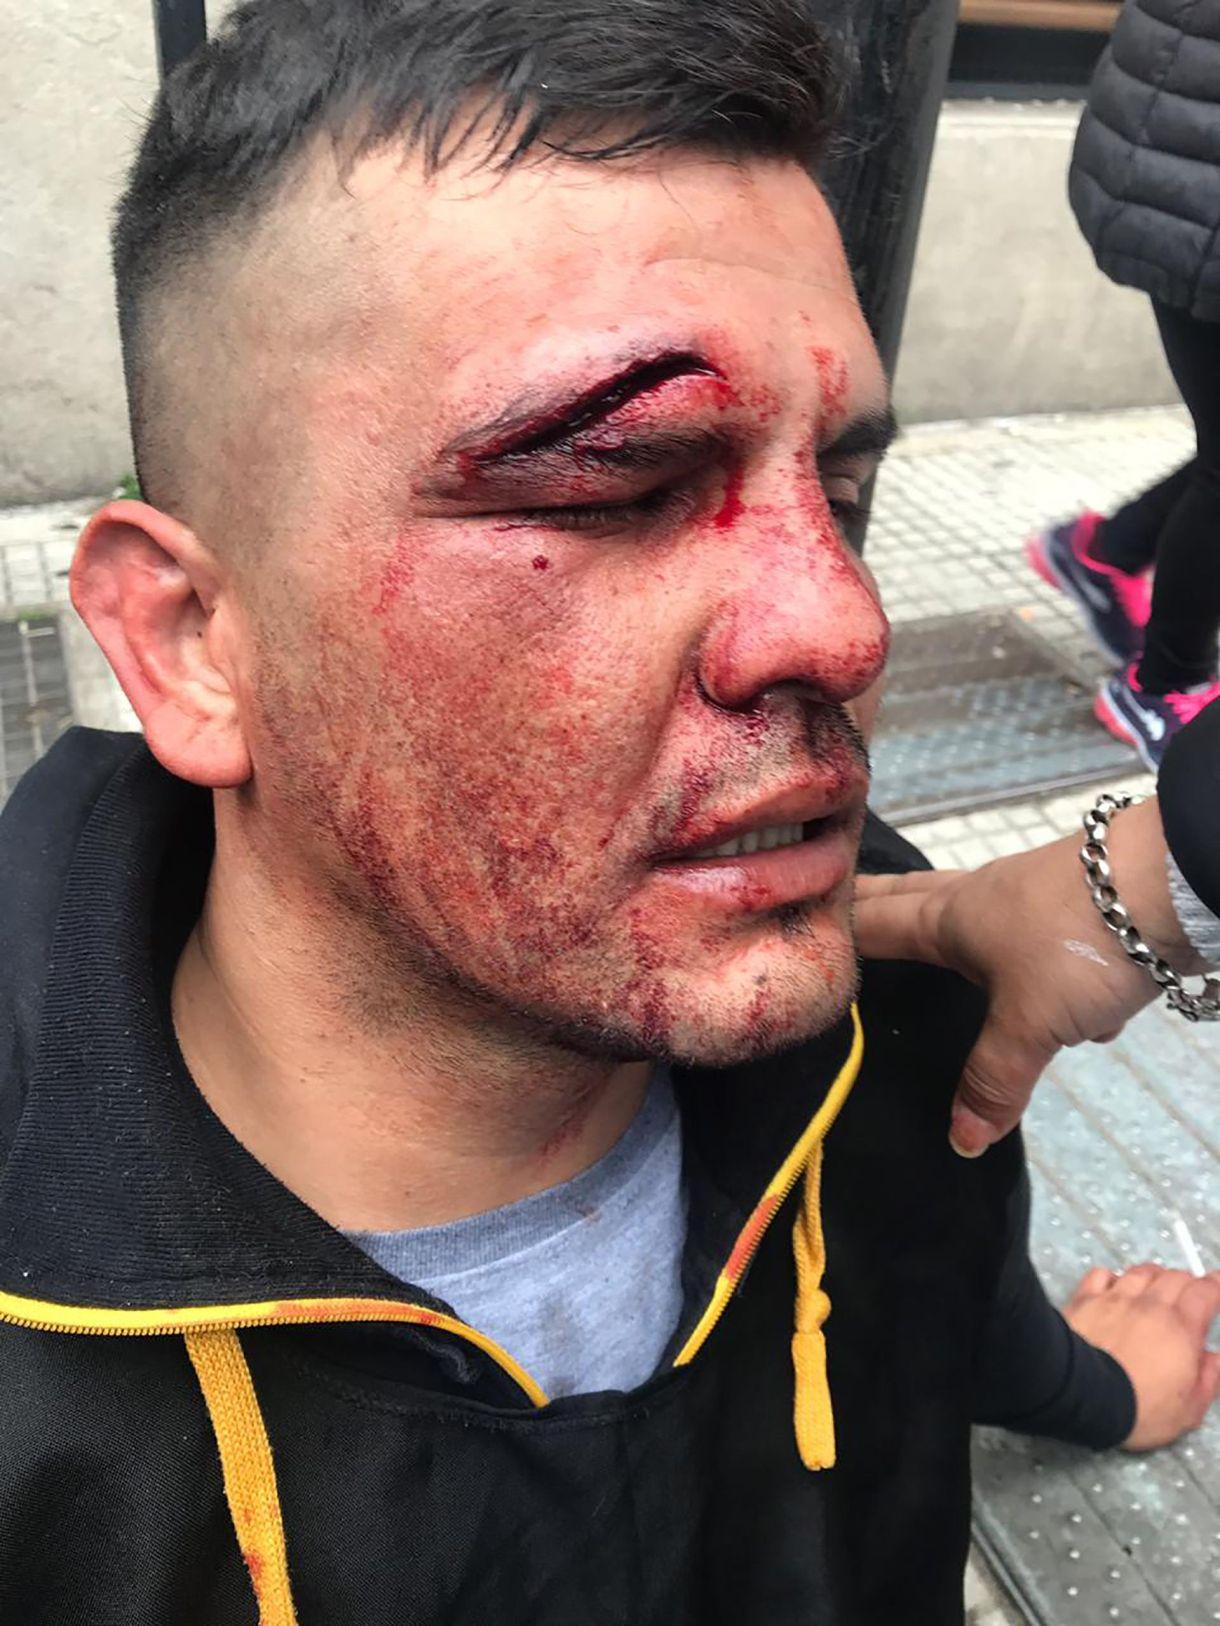 Uno de los manifestantes que debieron ser asistidos